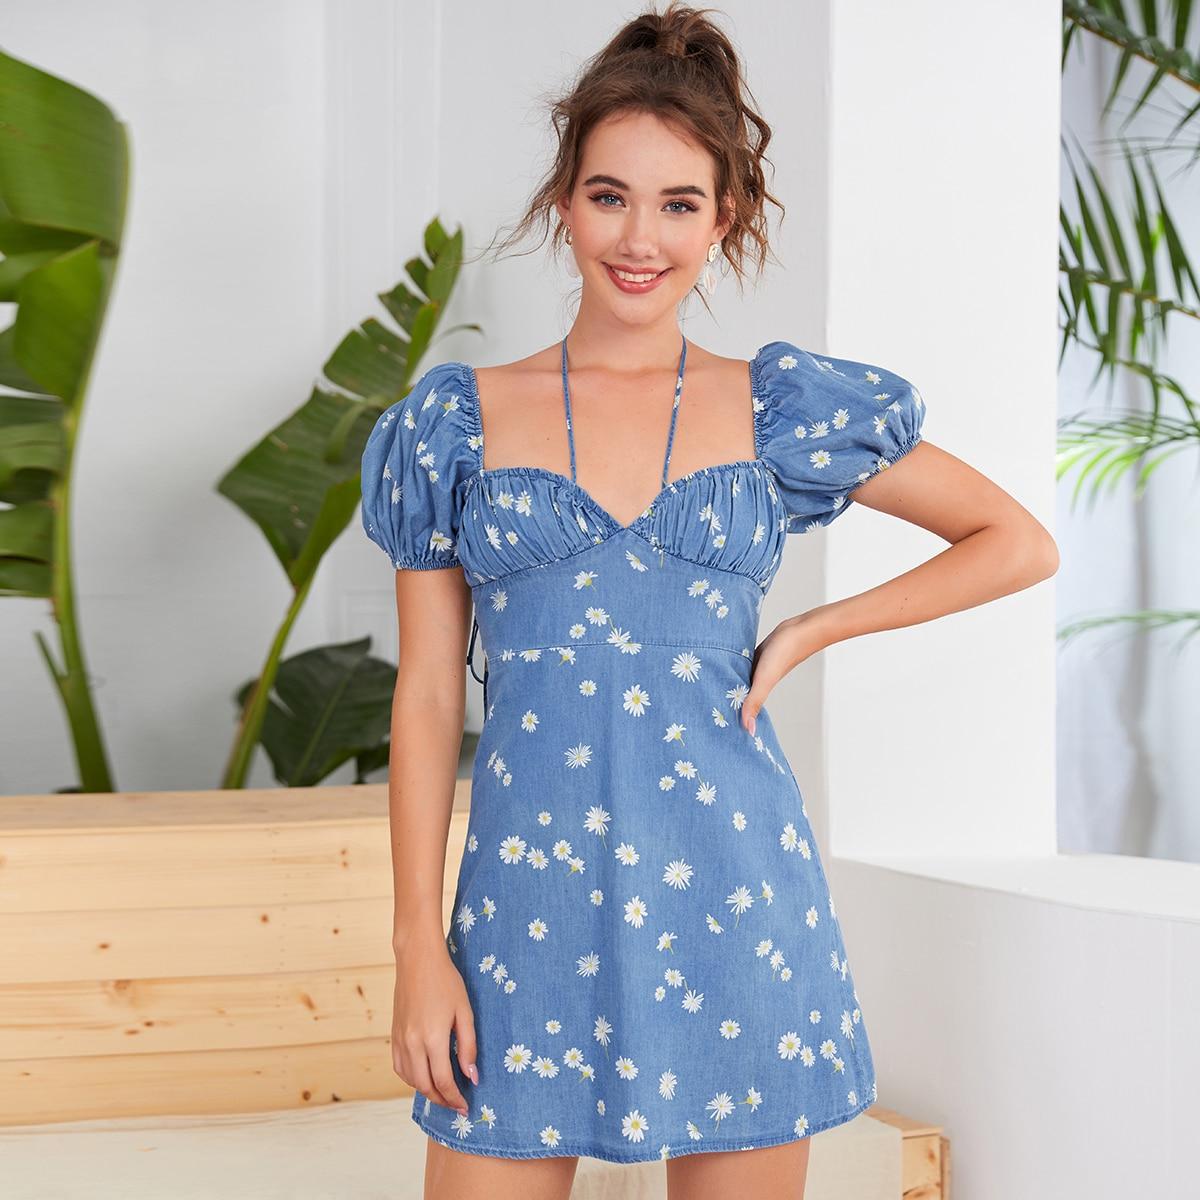 Средний синий умывания с бантом цветочный принт повседневный джинсовые платья